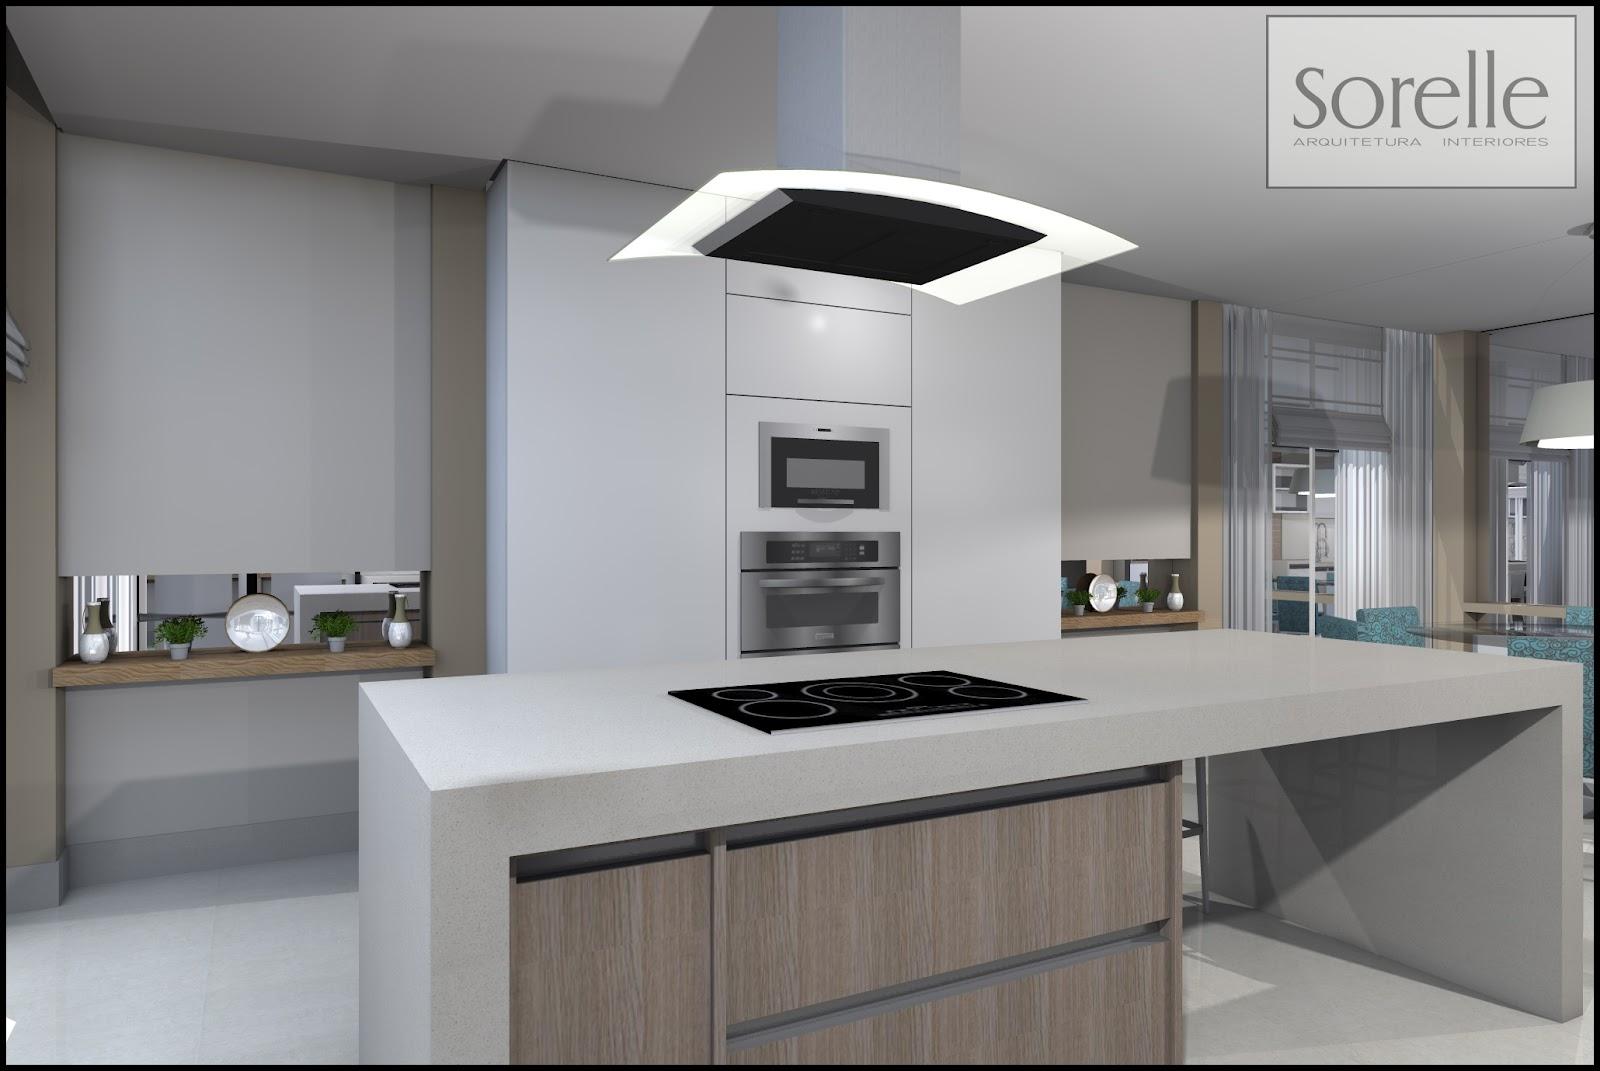 Sorelle Arquitetura e Interiores: Cozinha e Sala de Jantar . #635B50 1600 1071